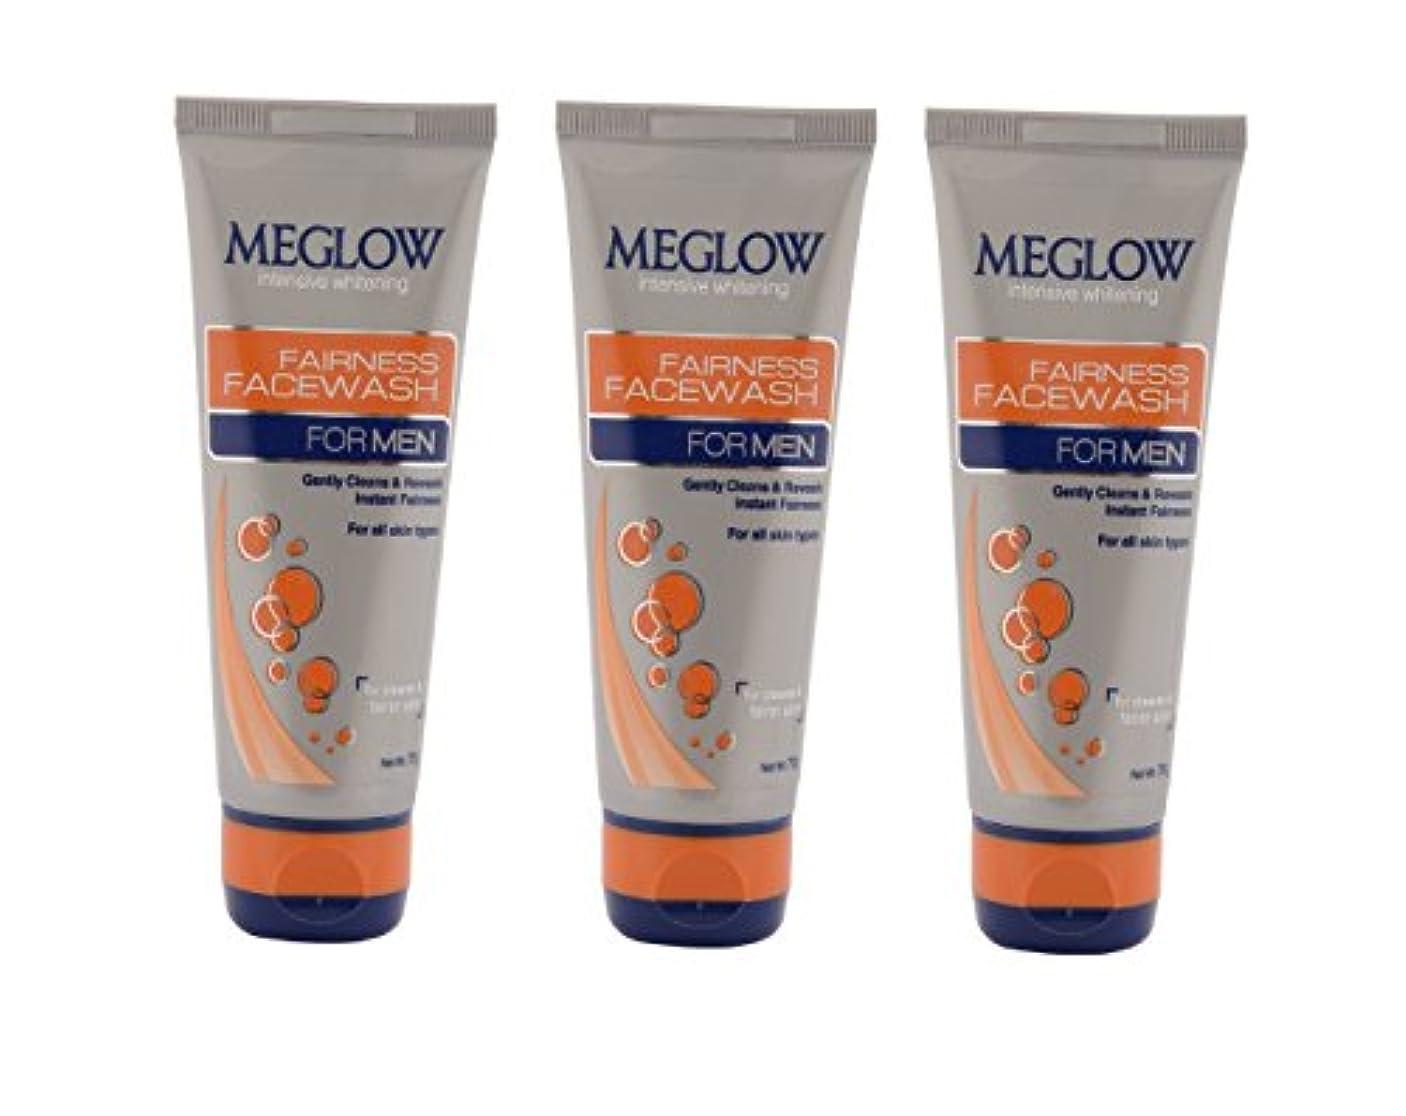 びんバング現実Meglow Intensive Whitening Fairness Face Wash For Men 70 G (Pack of 3)